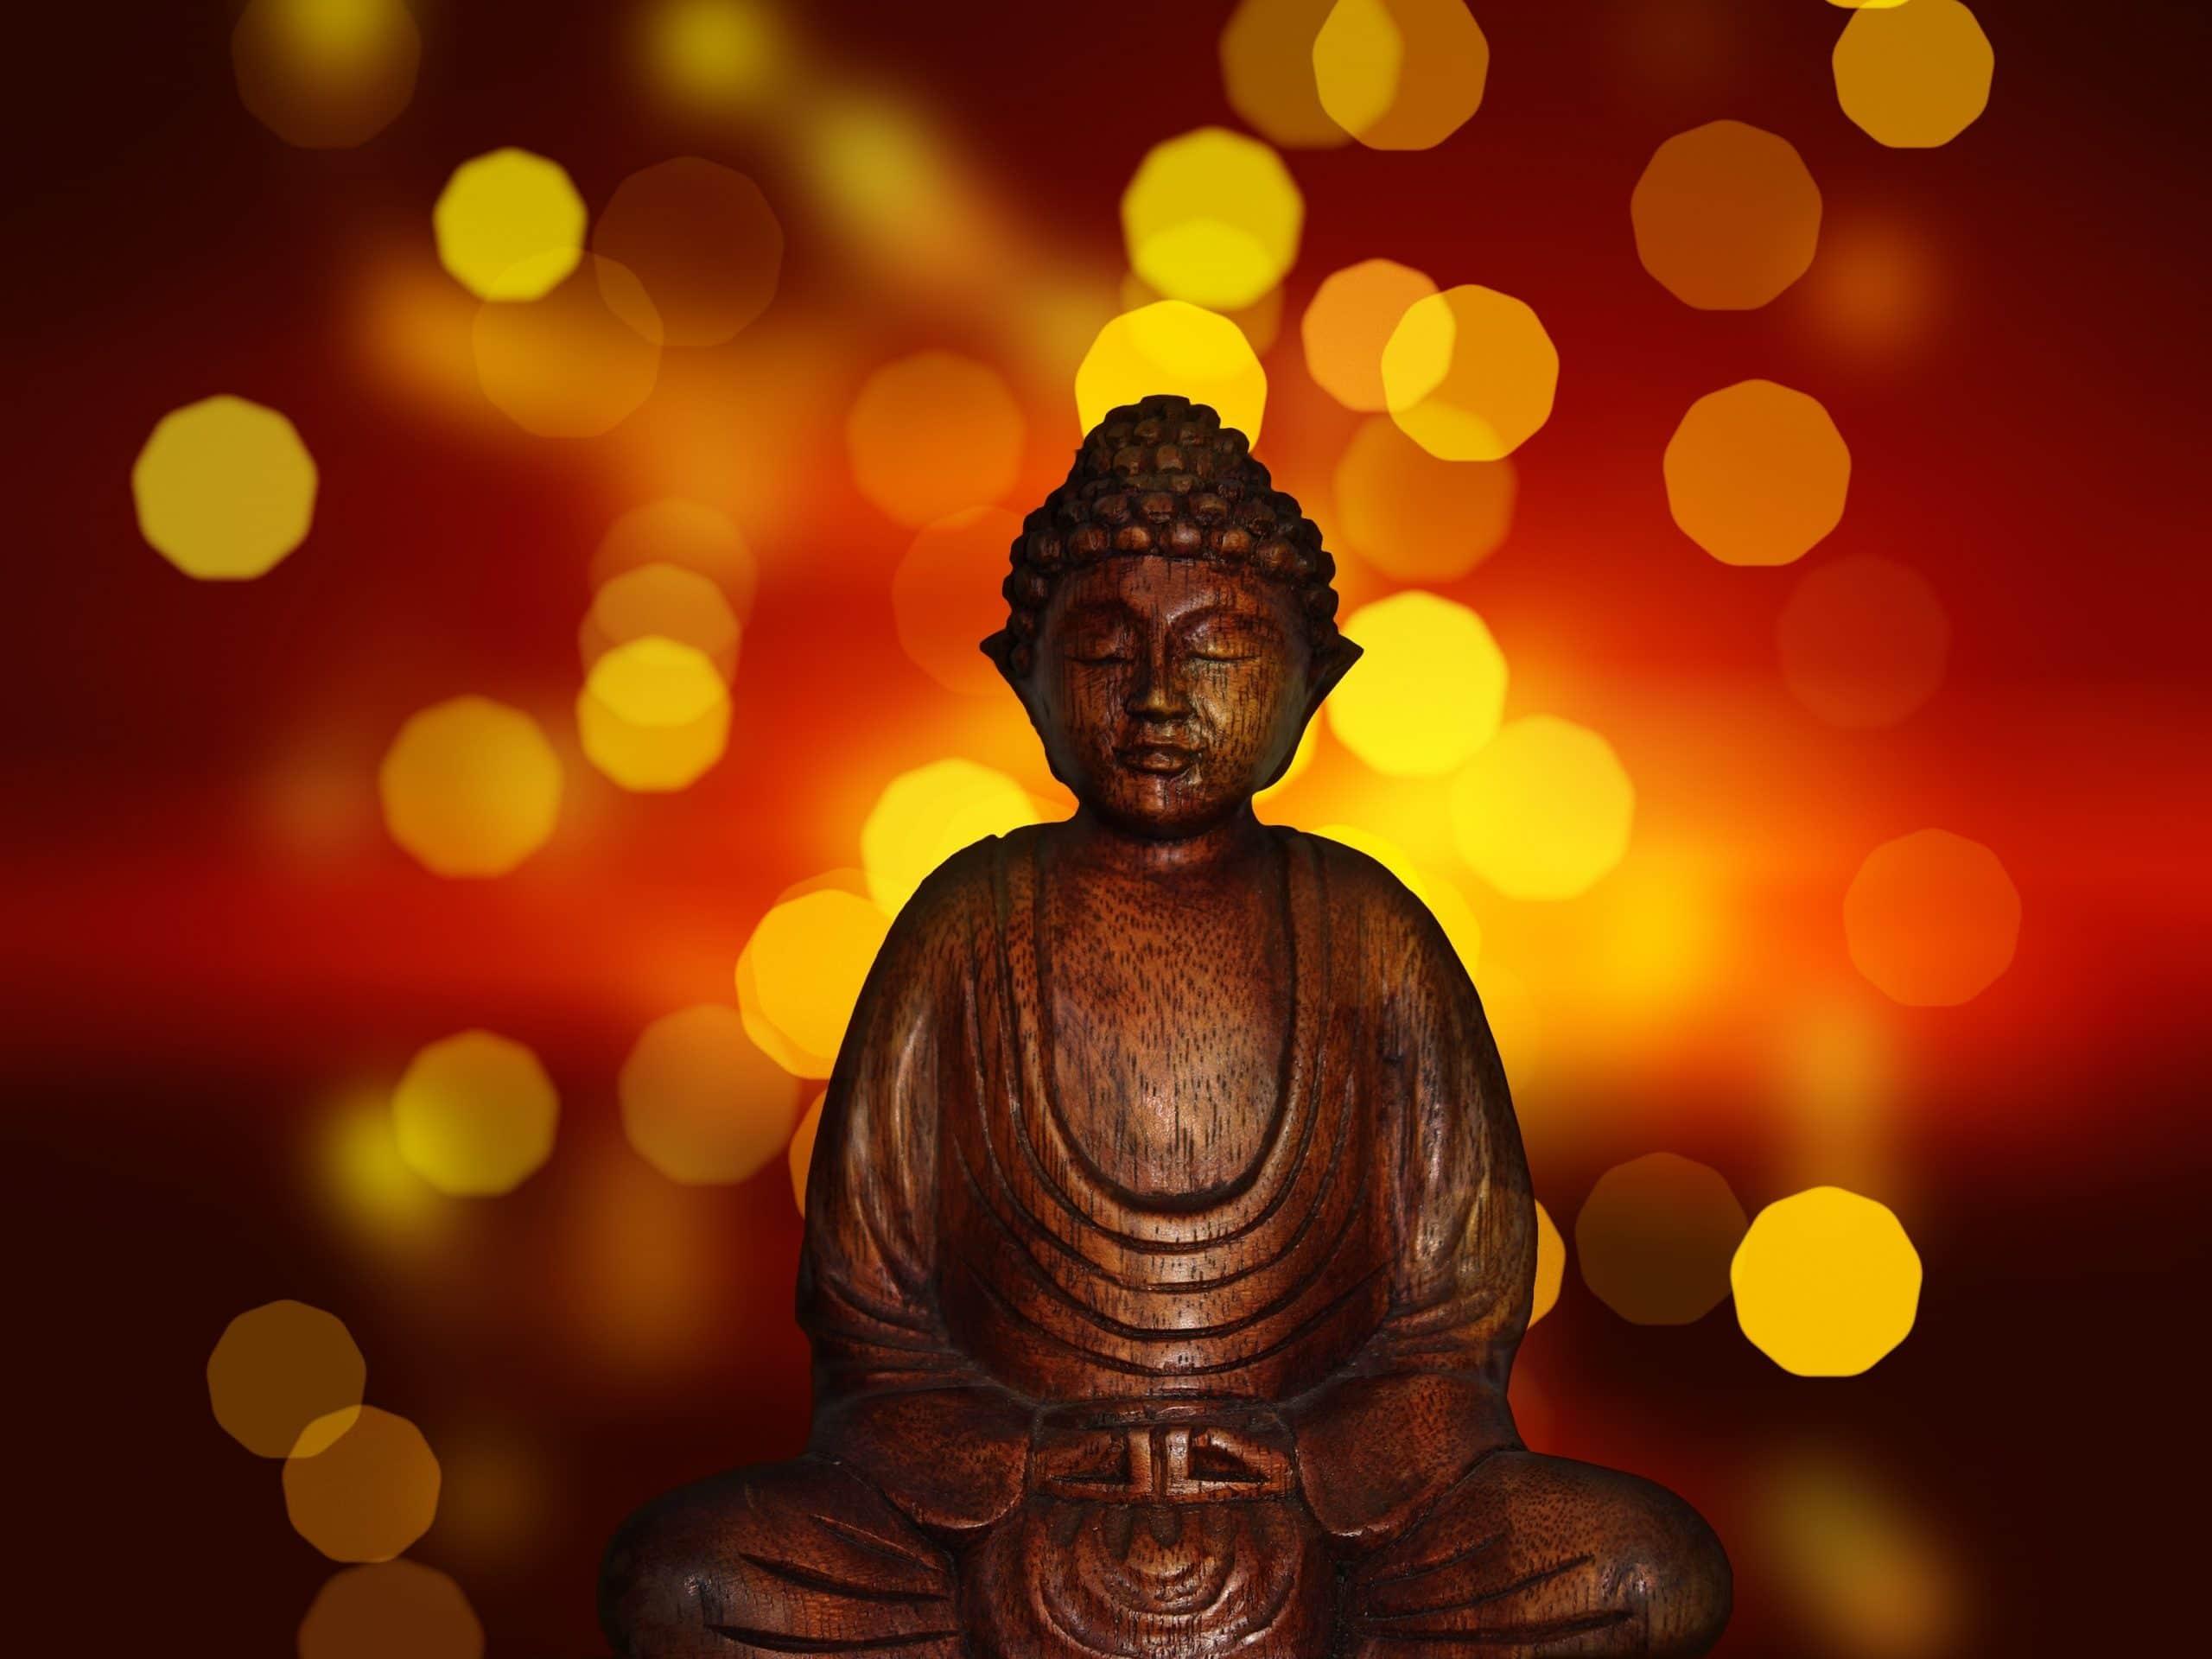 Estátua de Buda sobre um cenário com pontos de luzes.